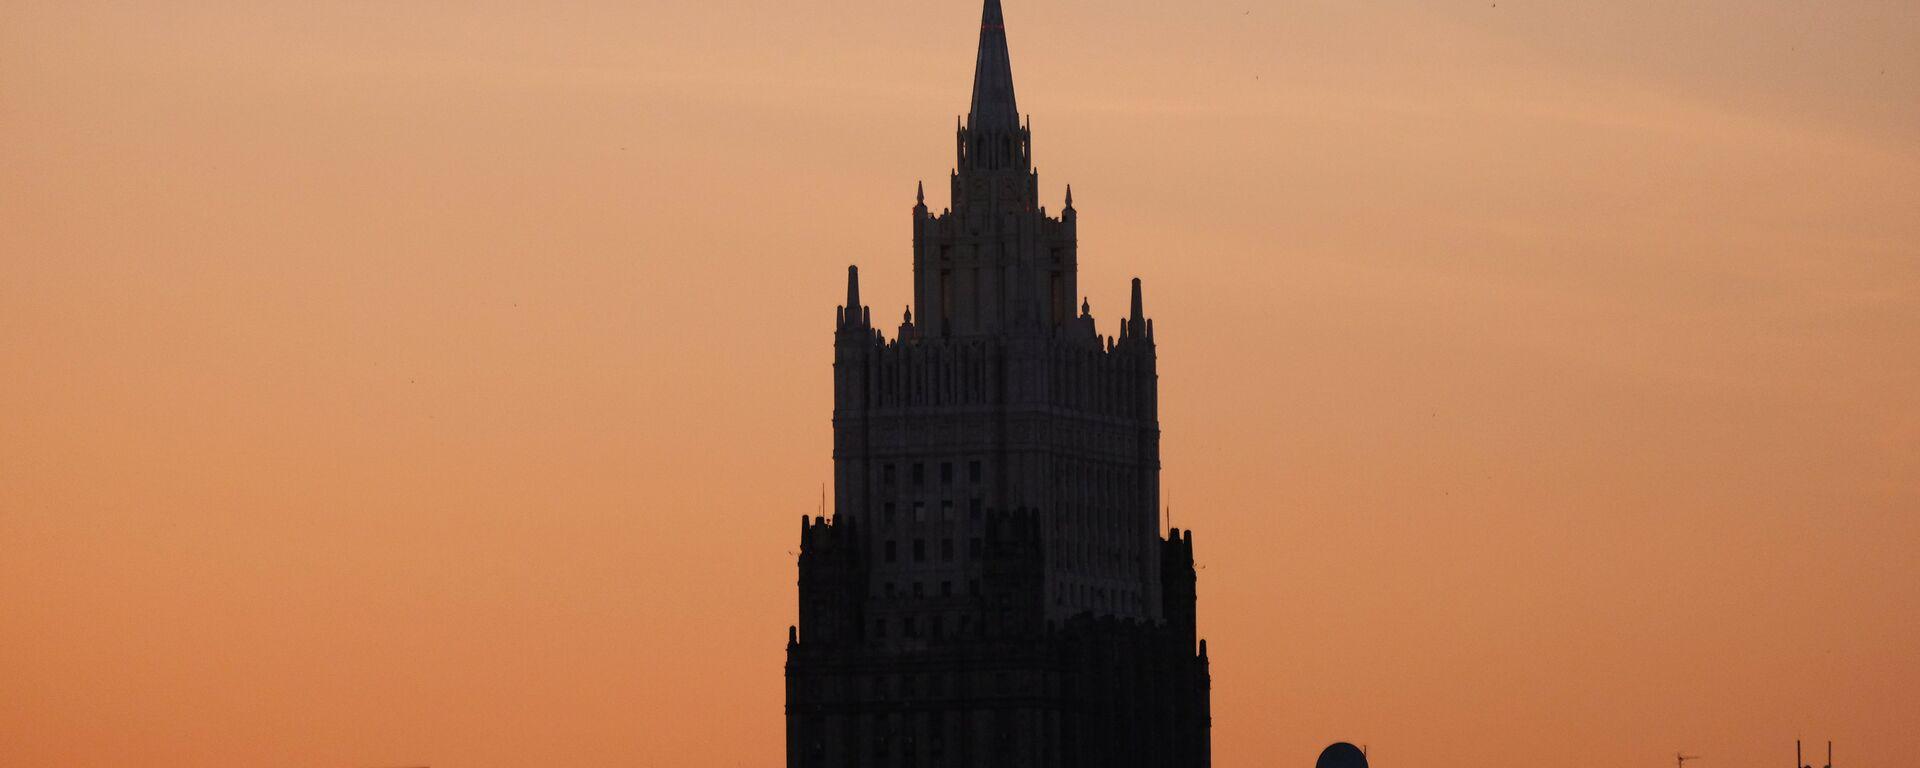 El Ministerio de Asuntos Exteriores de Rusia - Sputnik Mundo, 1920, 08.02.2021